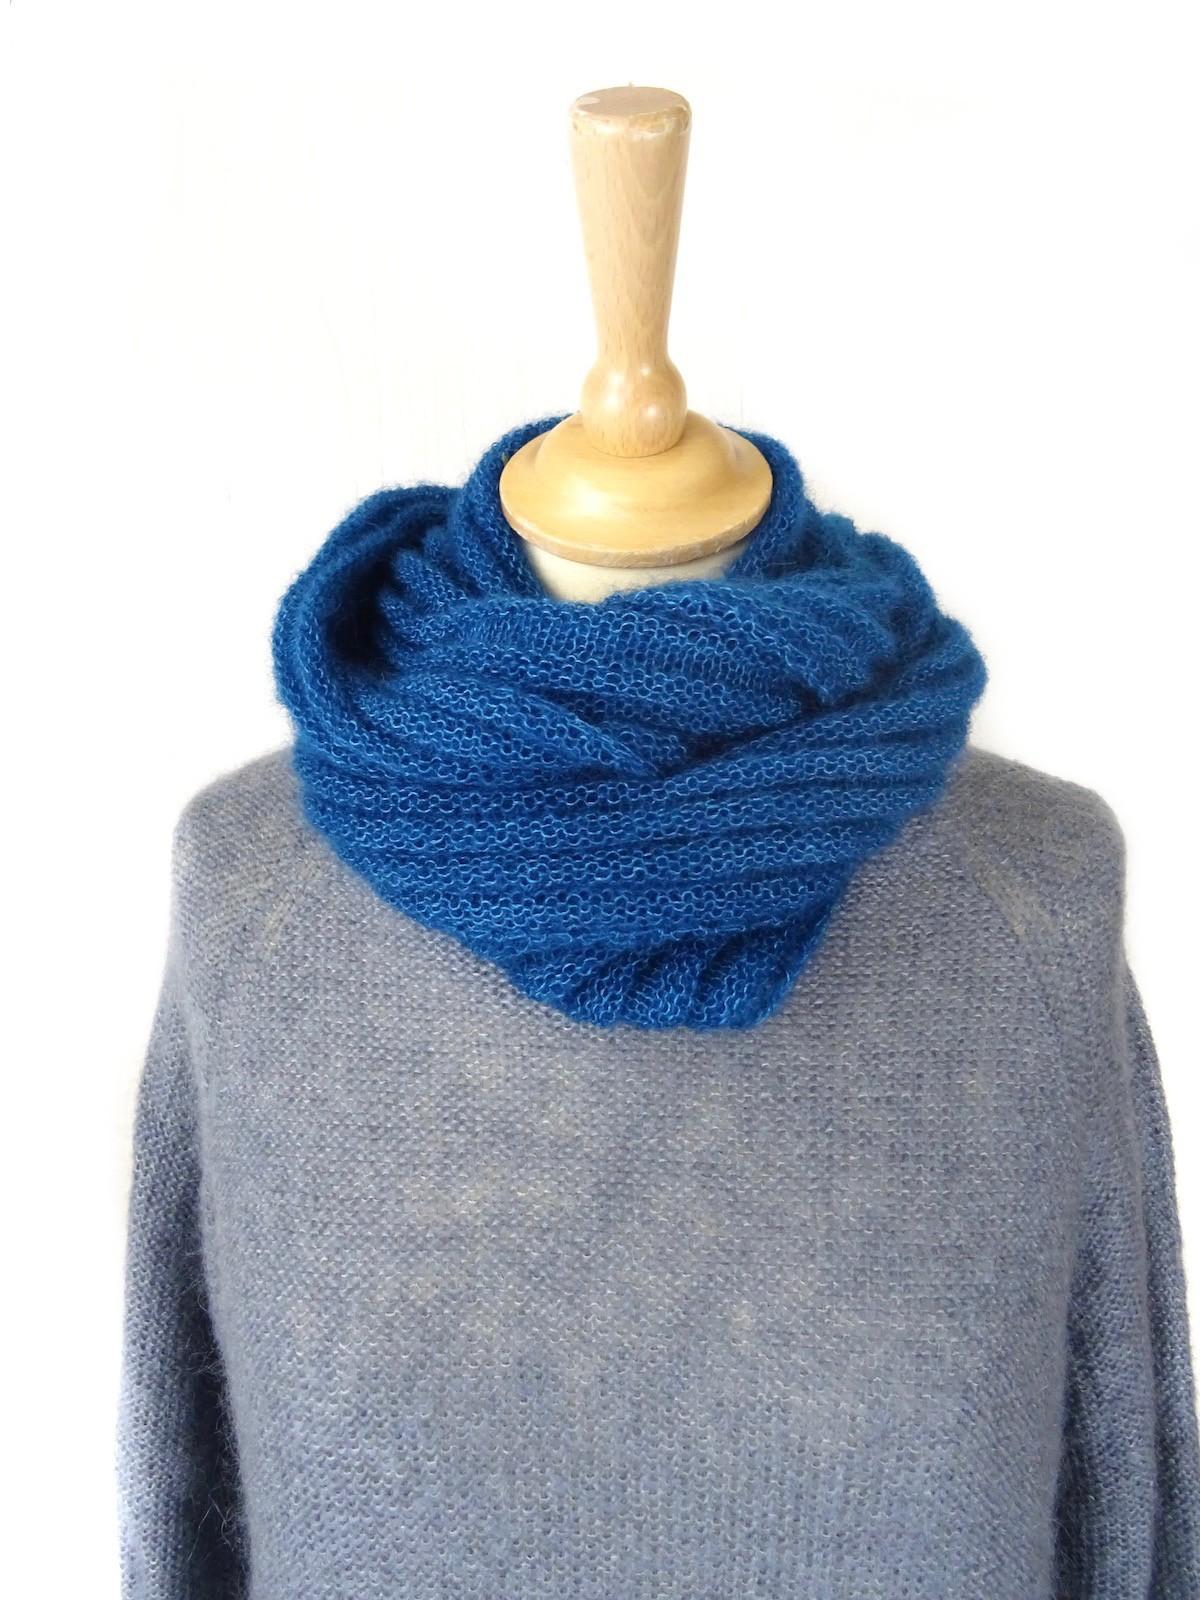 Snood tricoté bleu paon